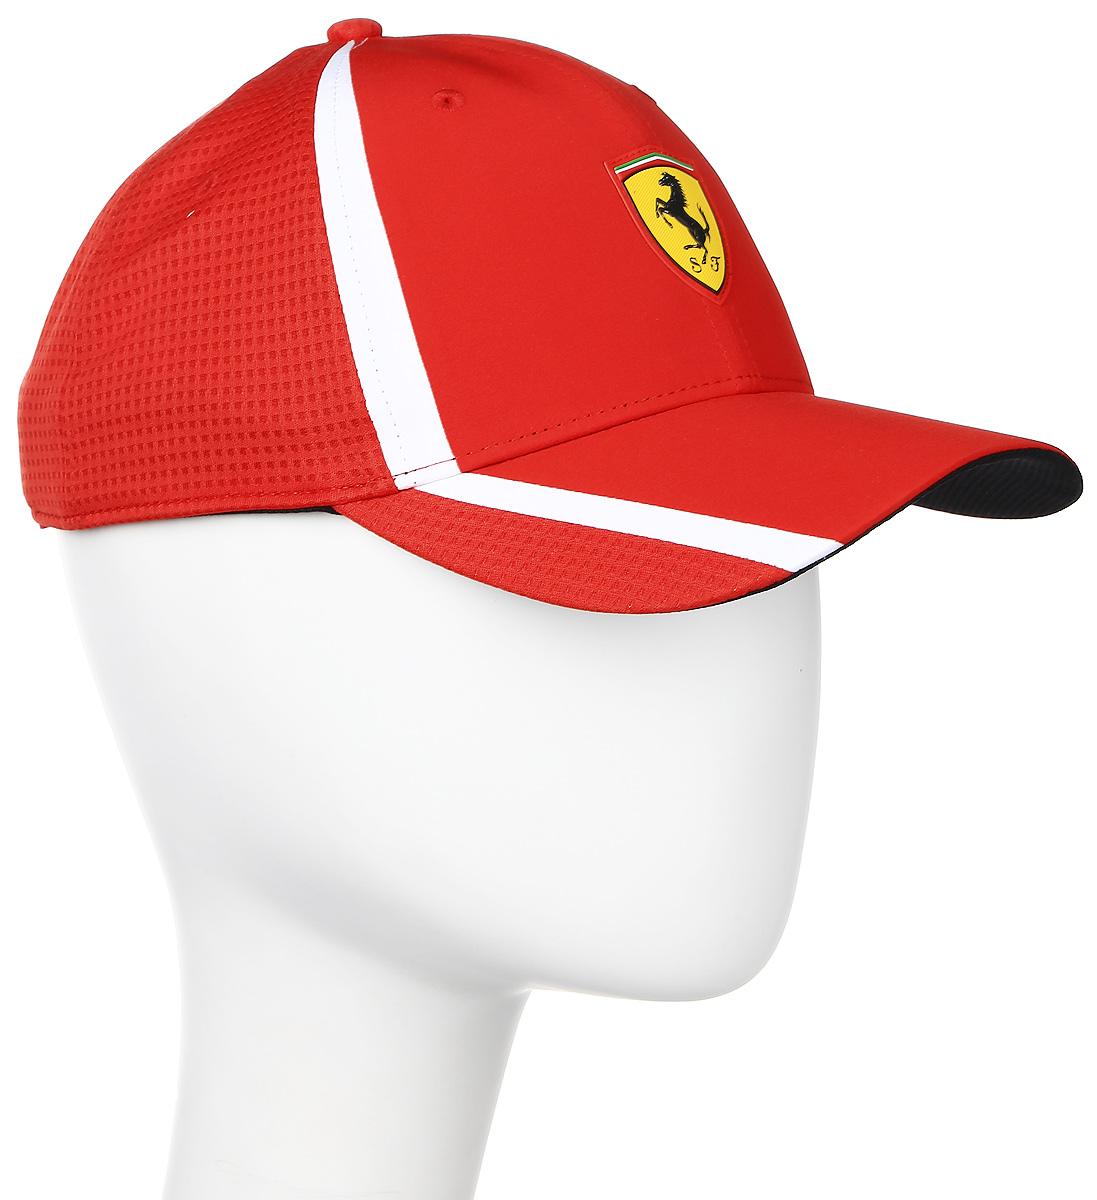 Бейсболка Puma Ferrari Fanwear redline cap, цвет: красный. 021202_01. Размер универсальный021202_01Бейсболка Ferrari Fanwear redline cap с двухслойным изогнутым козырьком отлично защитит от солнца и обеспечит максимальный комфорт благодаря микрофибре, способной пропускать воздух. Отрегулировать размер изделия можно с помощью тканевого ремешка на задней части изделия. Вентиляция обеспечивается специальными вышитыми люверсами на всей поверхности бейсболки и сетчатыми боковыми вставками. Влаговпитывающая тесьма с сетчатой вставкой обеспечивает больший комфорт. На внутренней части козырька также имеется сетчатая вставка. Бейсболка декорирована гербом Ferrari спереди и логотипом Puma сзади.